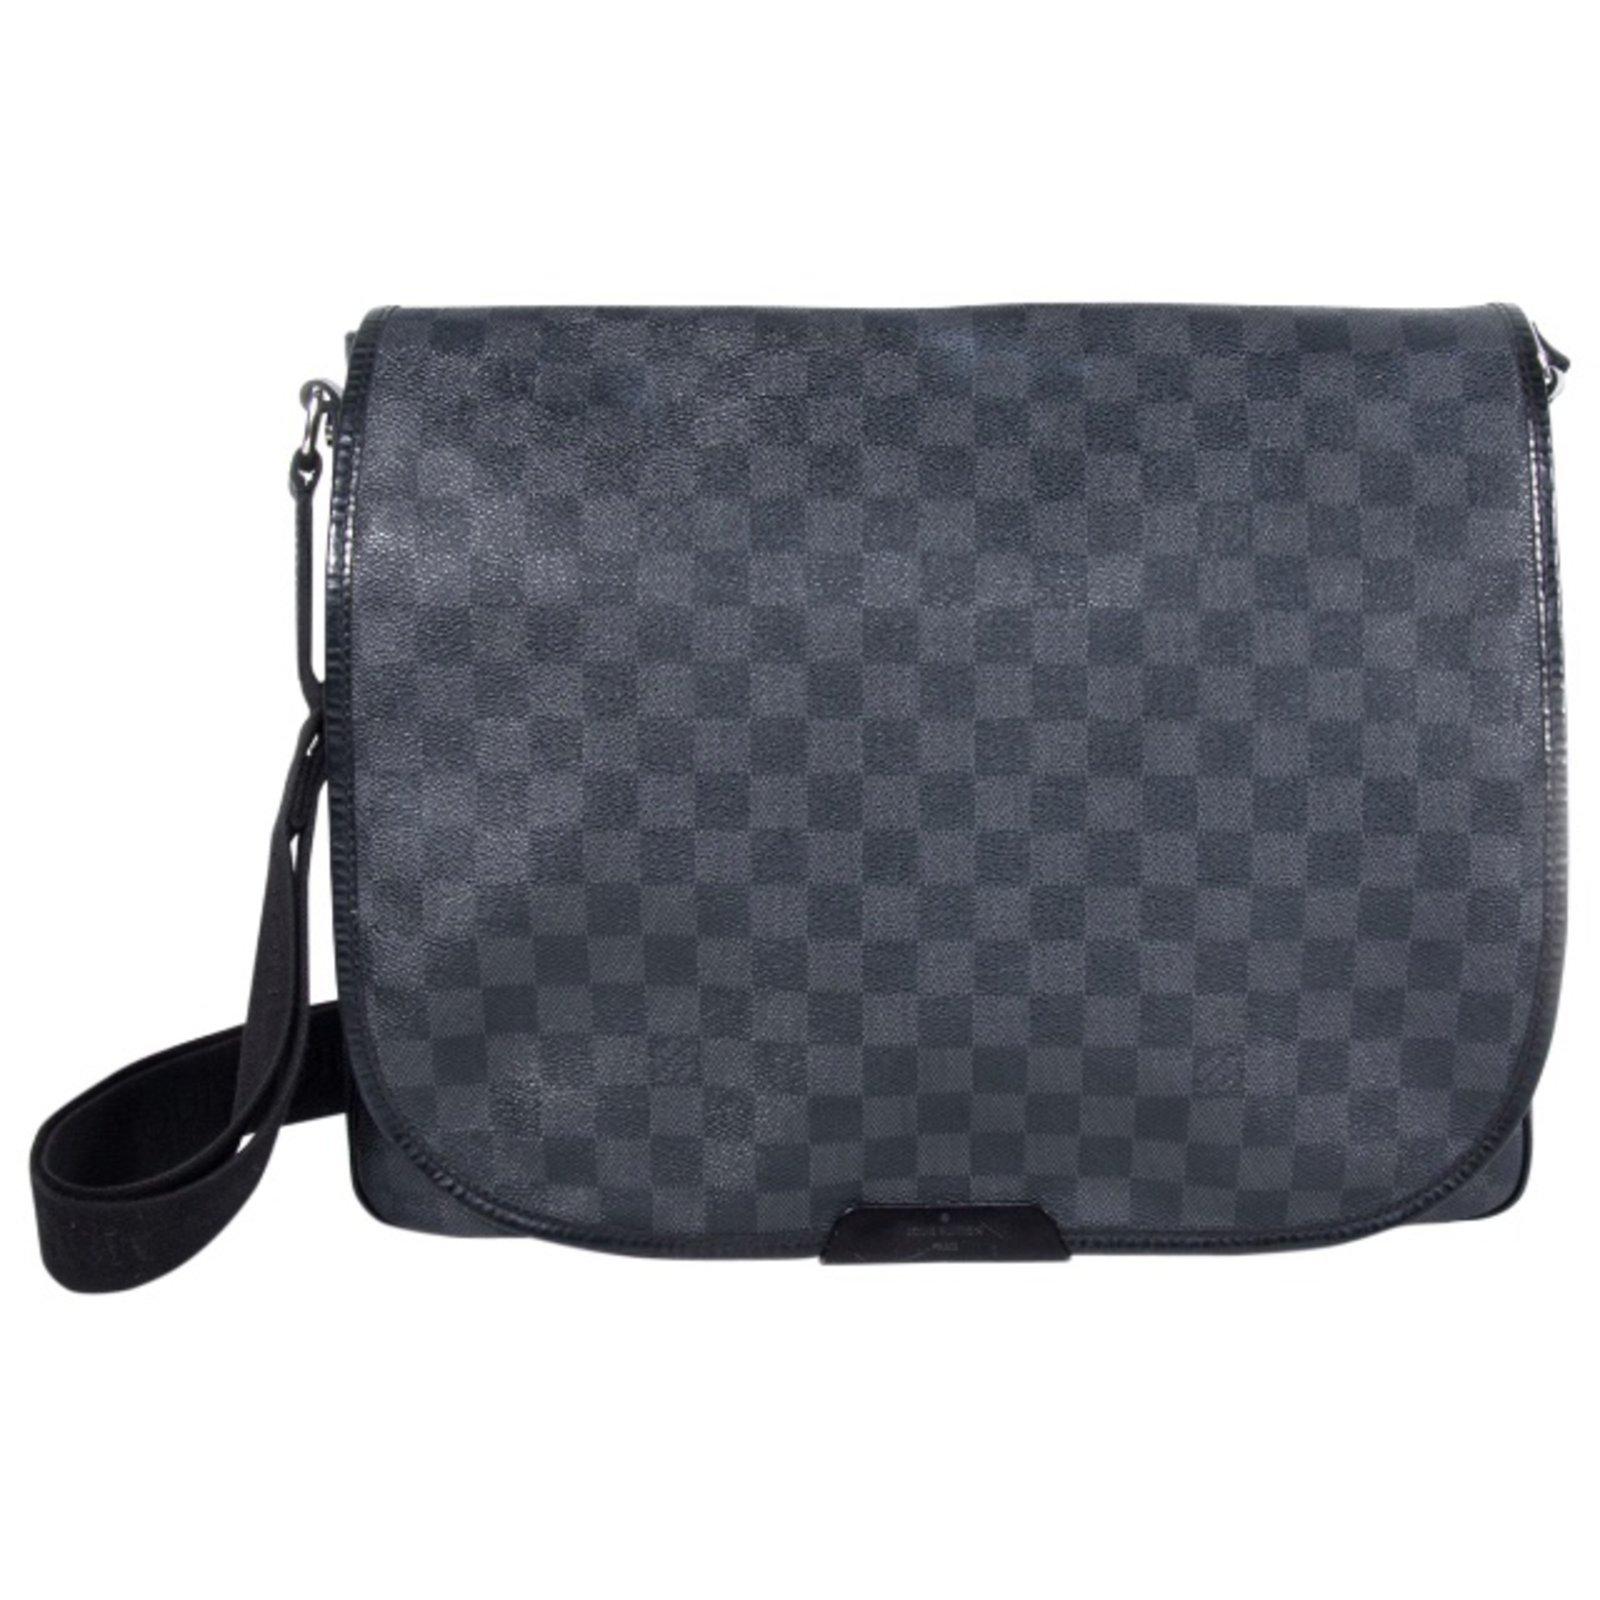 Sacs Louis Vuitton Sac Louis Vuitton Messenger District GM à damier  graphite ! Cuir,Toile 37c85e5997d